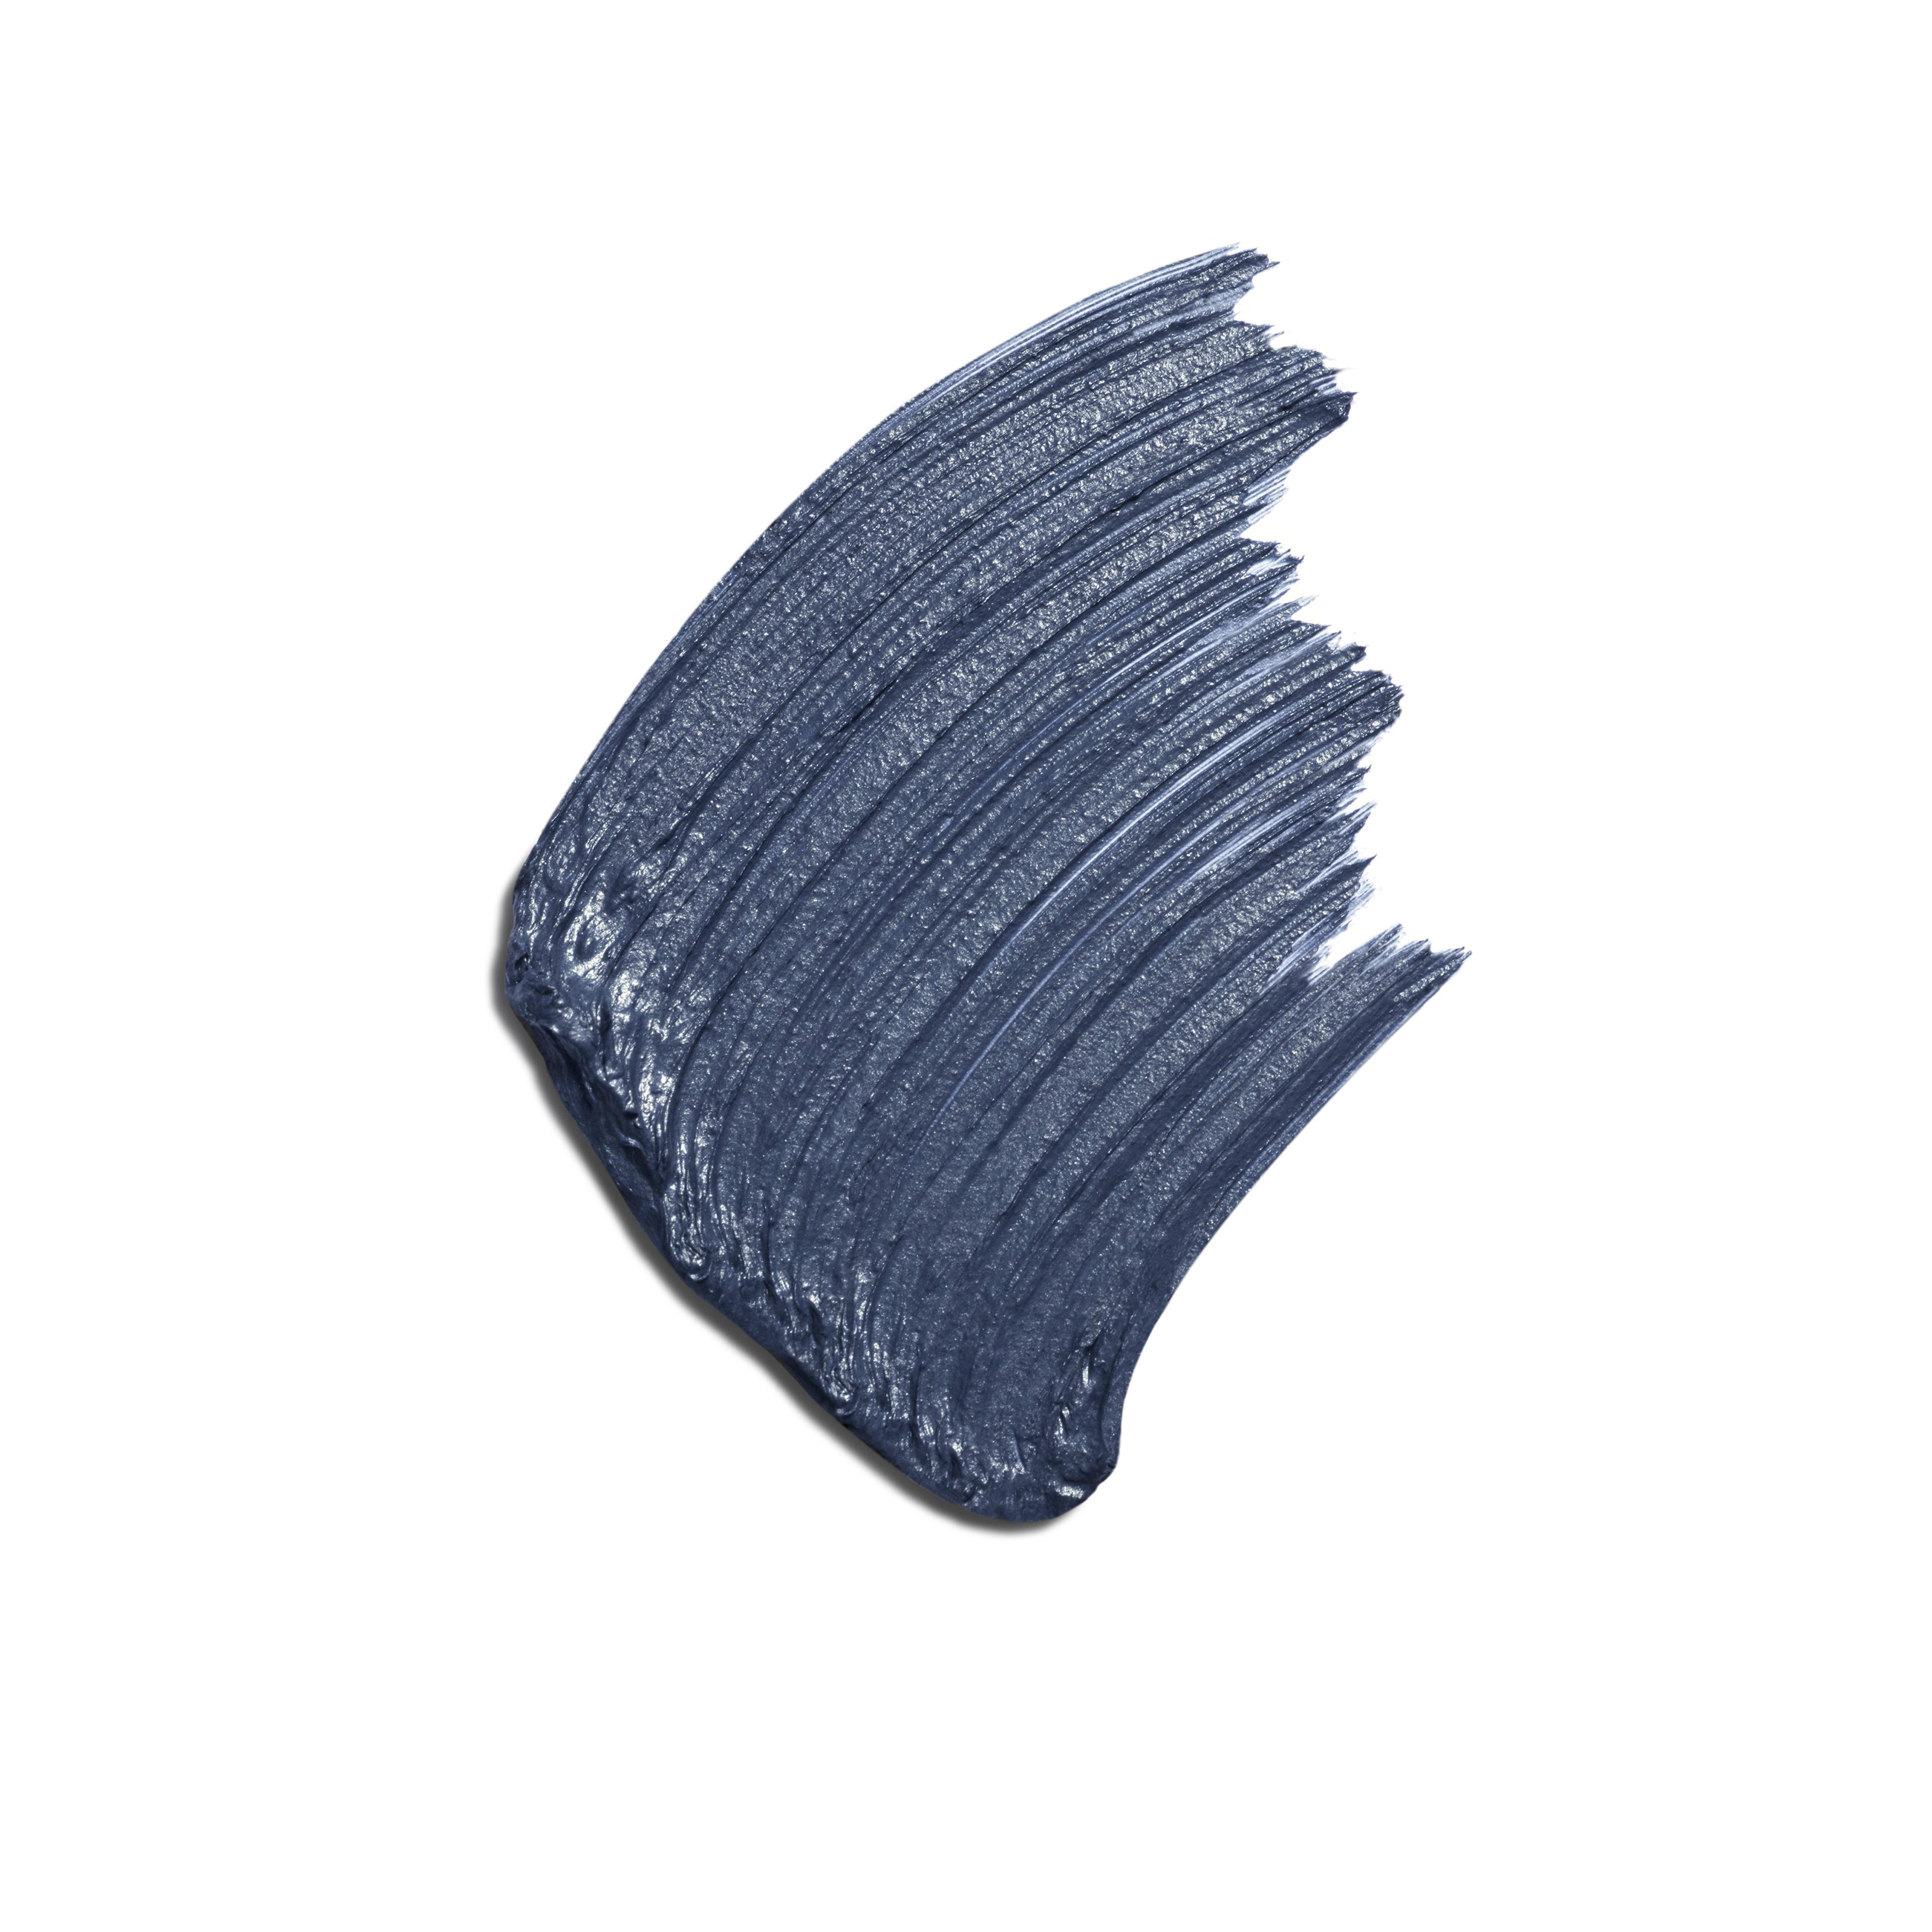 LE VOLUME DE CHANEL - makeup - 6g - CHANEL - Vue basique texture